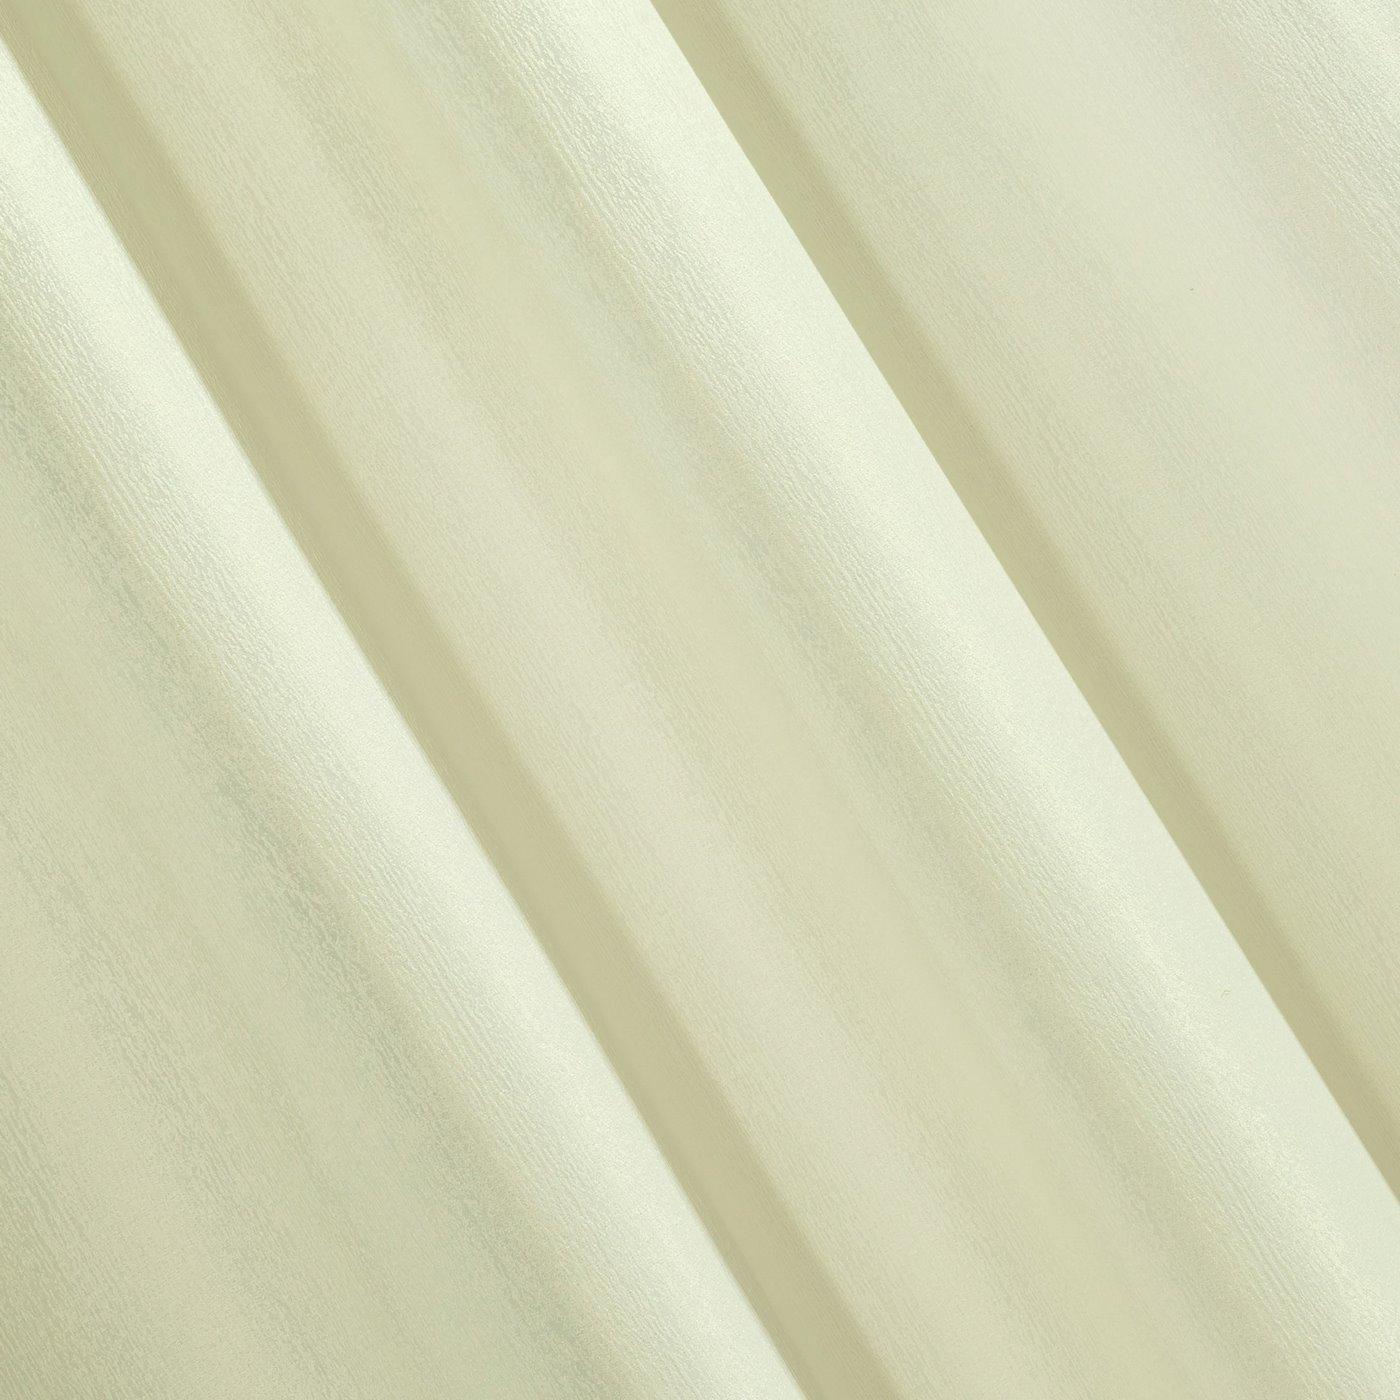 Zasłona subtelny marmurkowy wzór kremowy 140x250cm